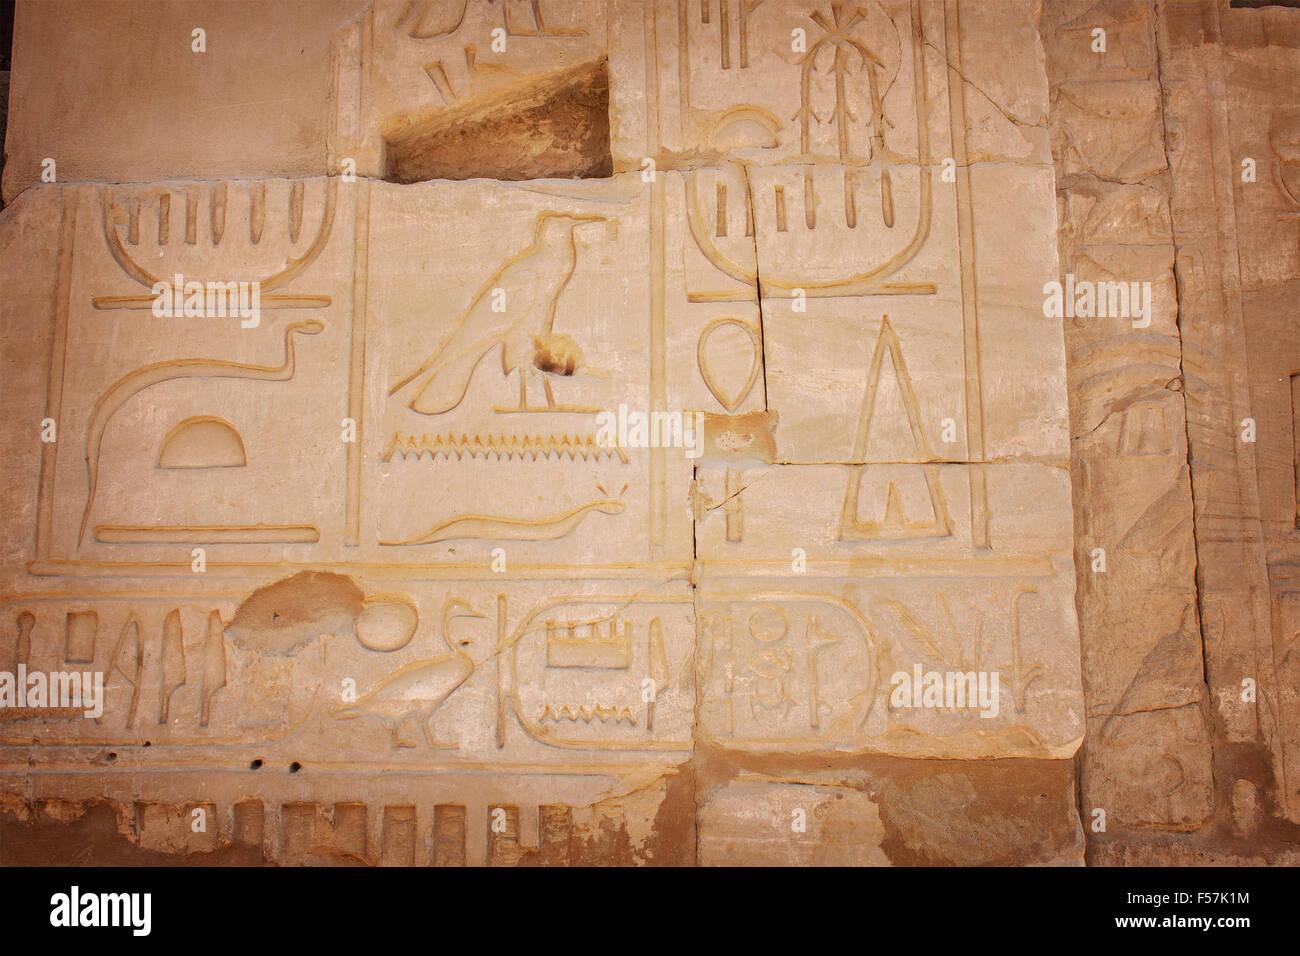 Immagine di immagini scolpite del tempio di Karnak, Egitto. Immagini Stock